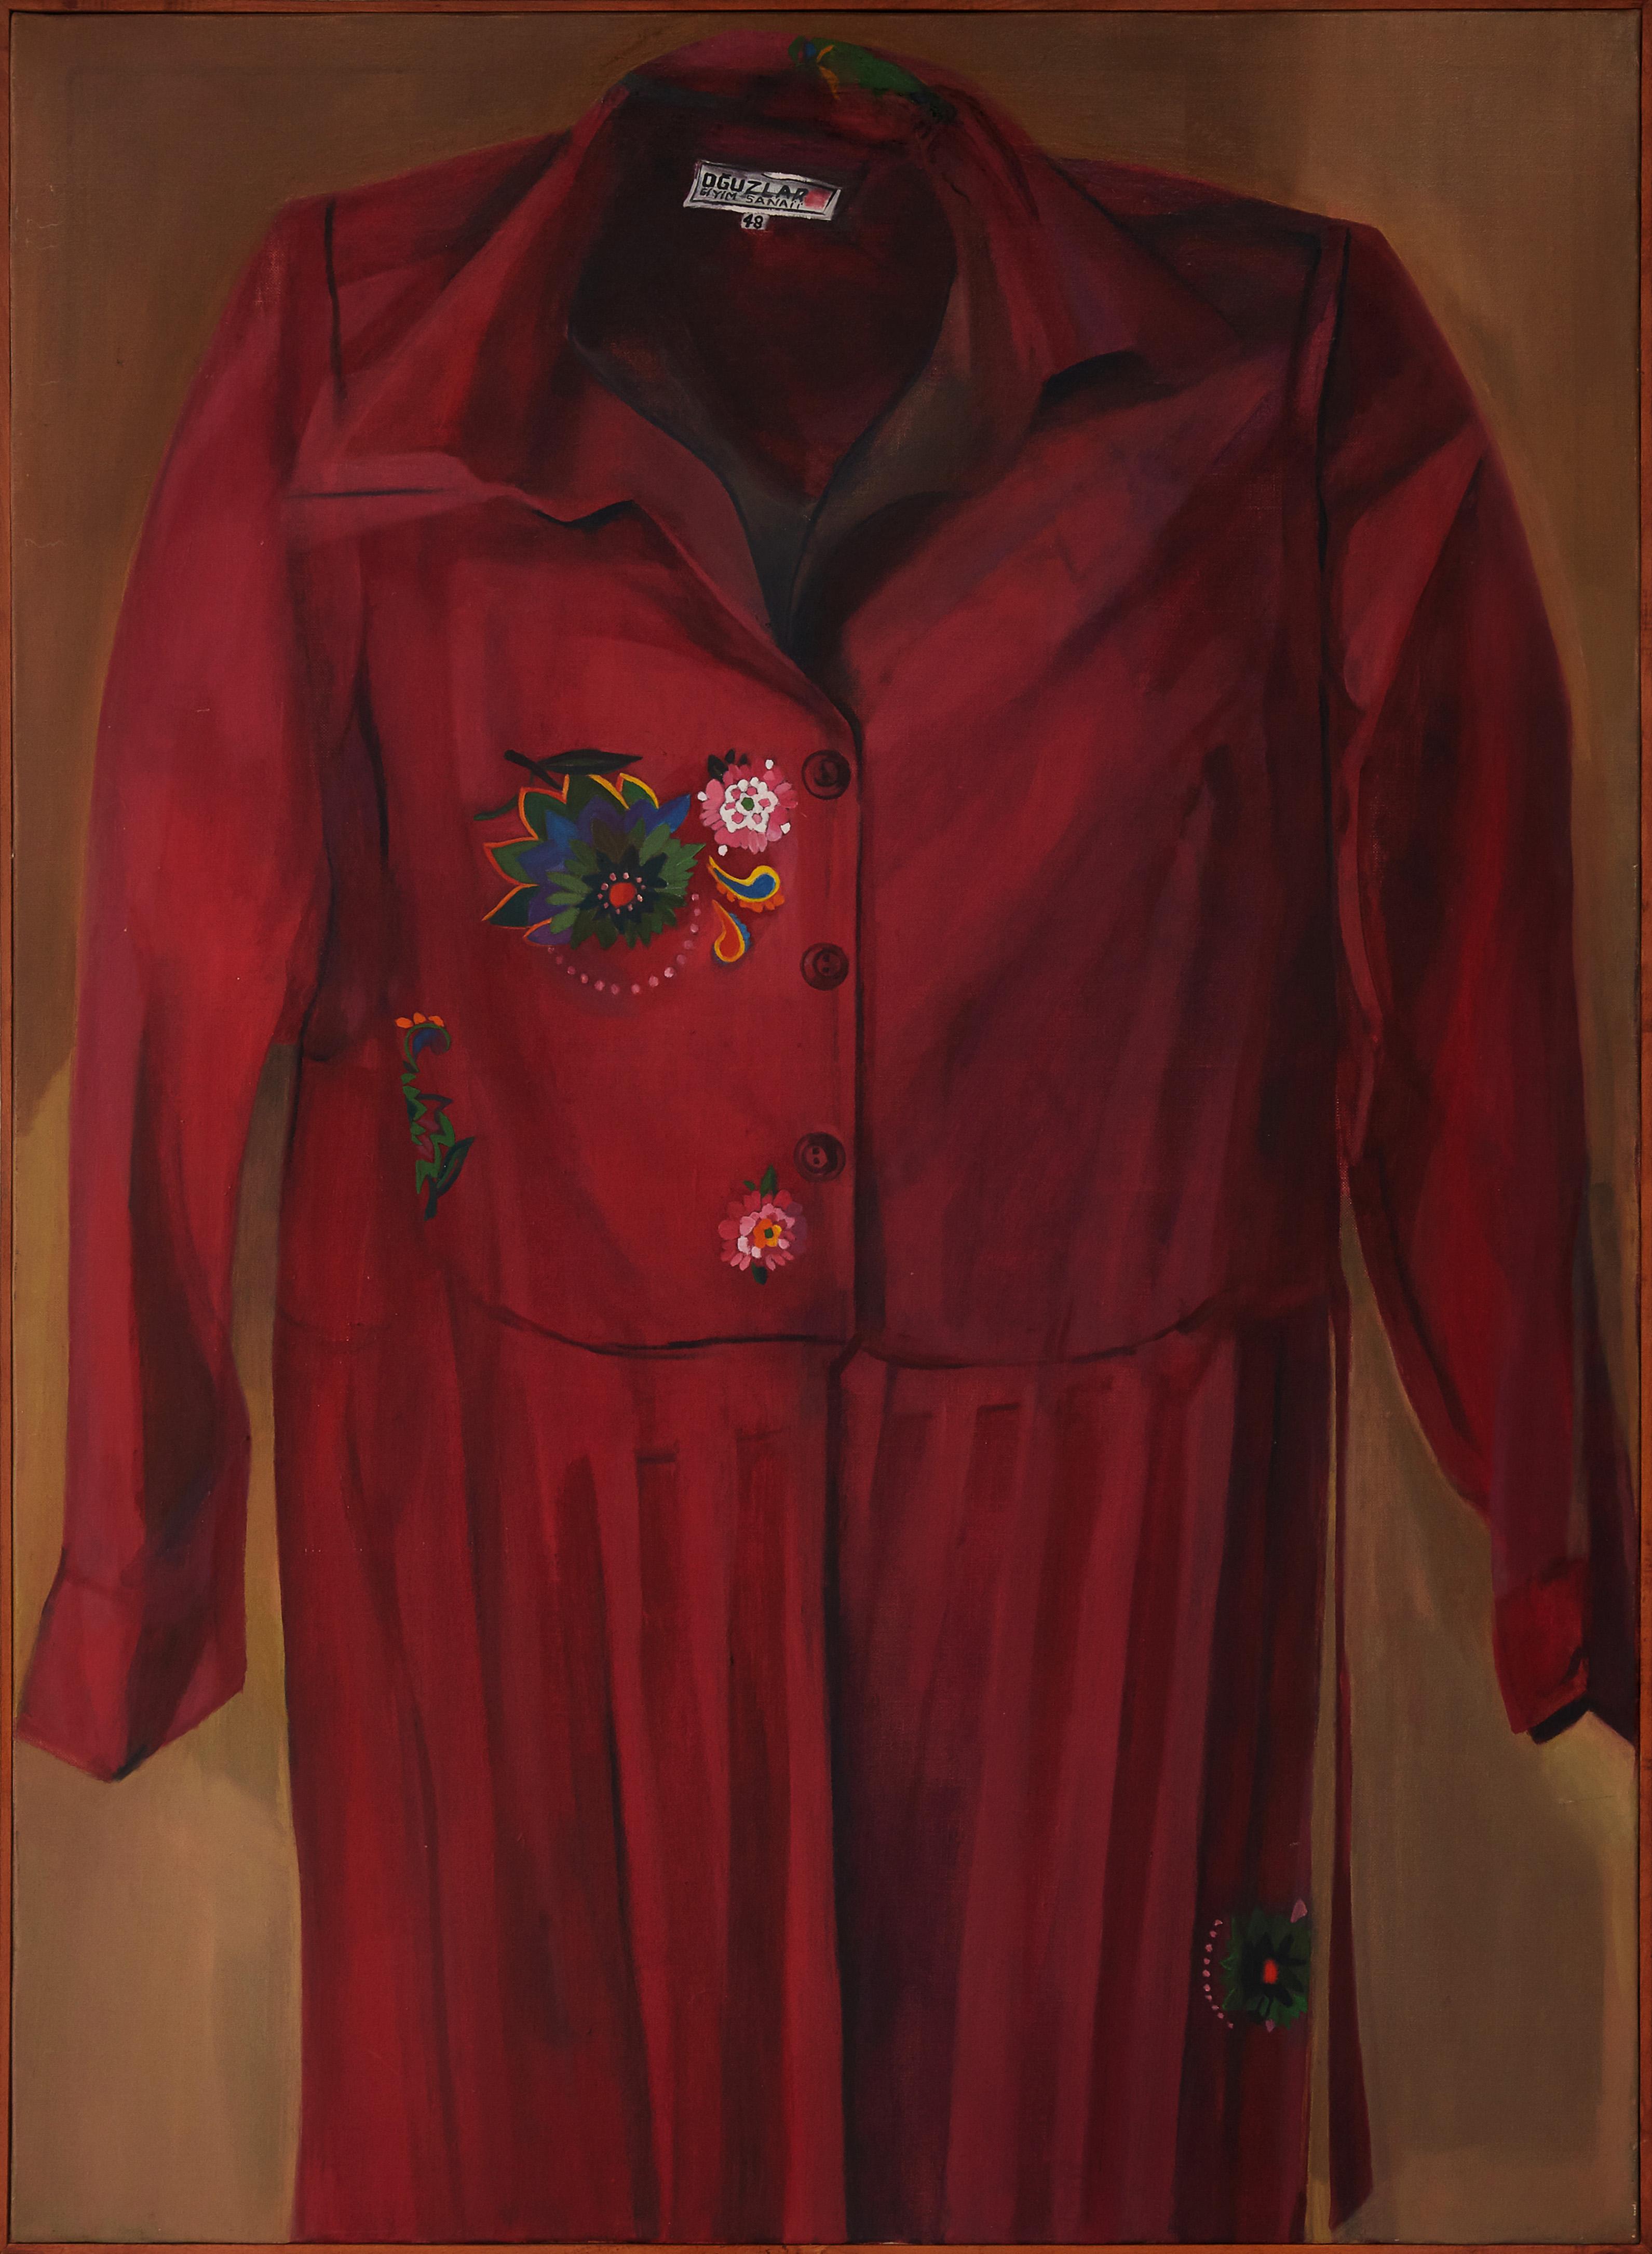 Ipek Duben - Şerife 3, 1980 Tuval uzerine yağlıboya 110x80 cm Sanatçı ve Pi Artworks